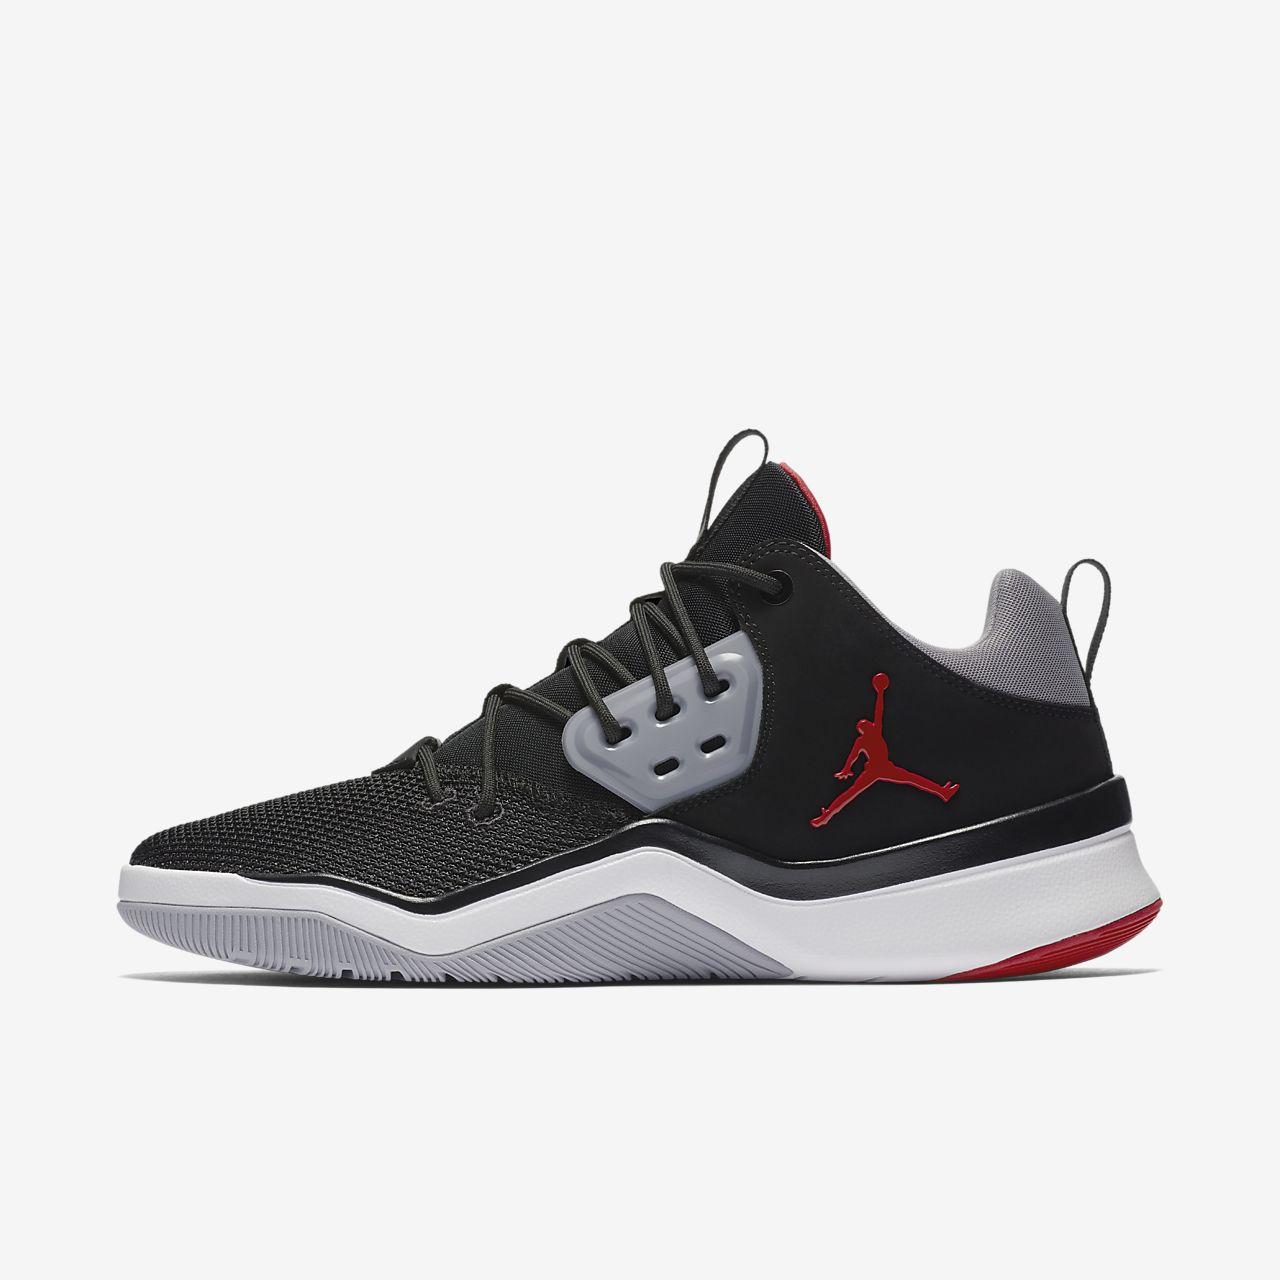 super populaire 02dac 1a2a5 Chaussure Jordan DNA pour Homme